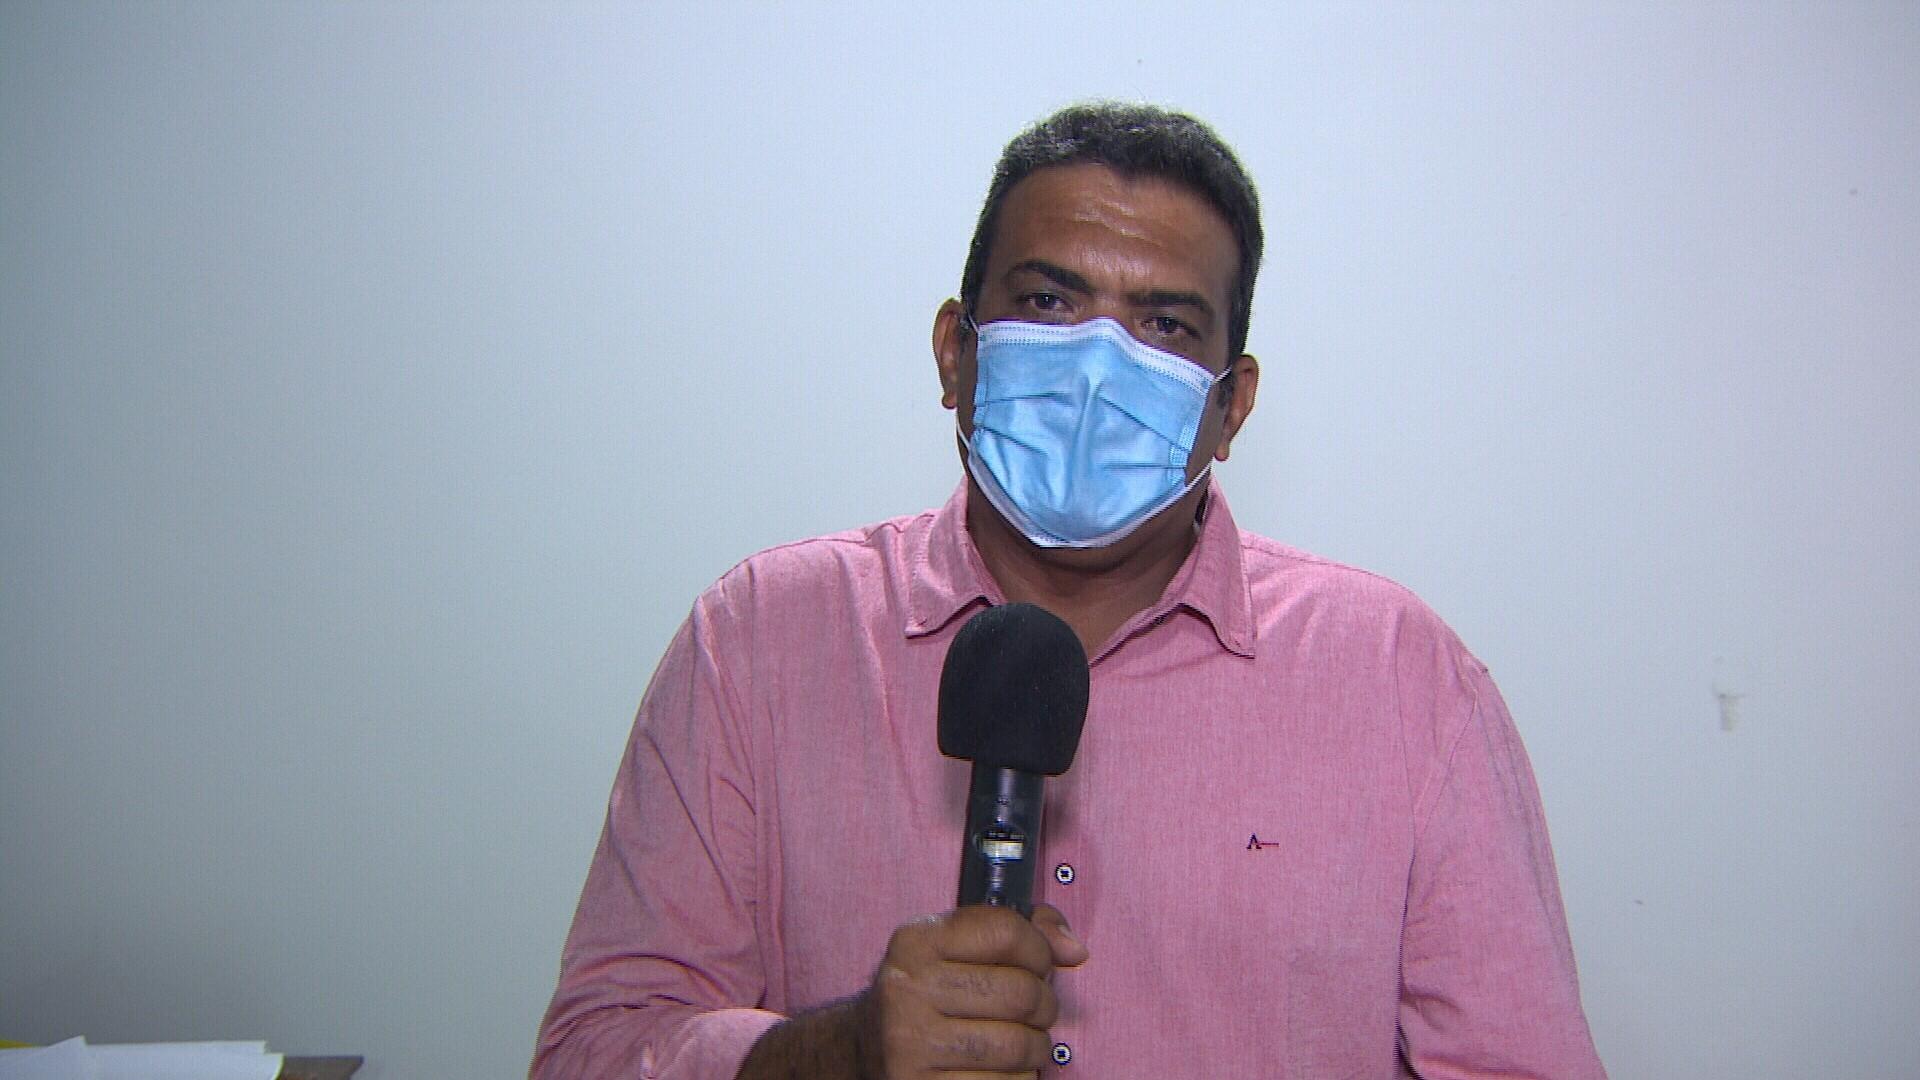 Candidato a prefeito de Porto Velho, Pimenta de Rondônia testa positivo para Covid-19